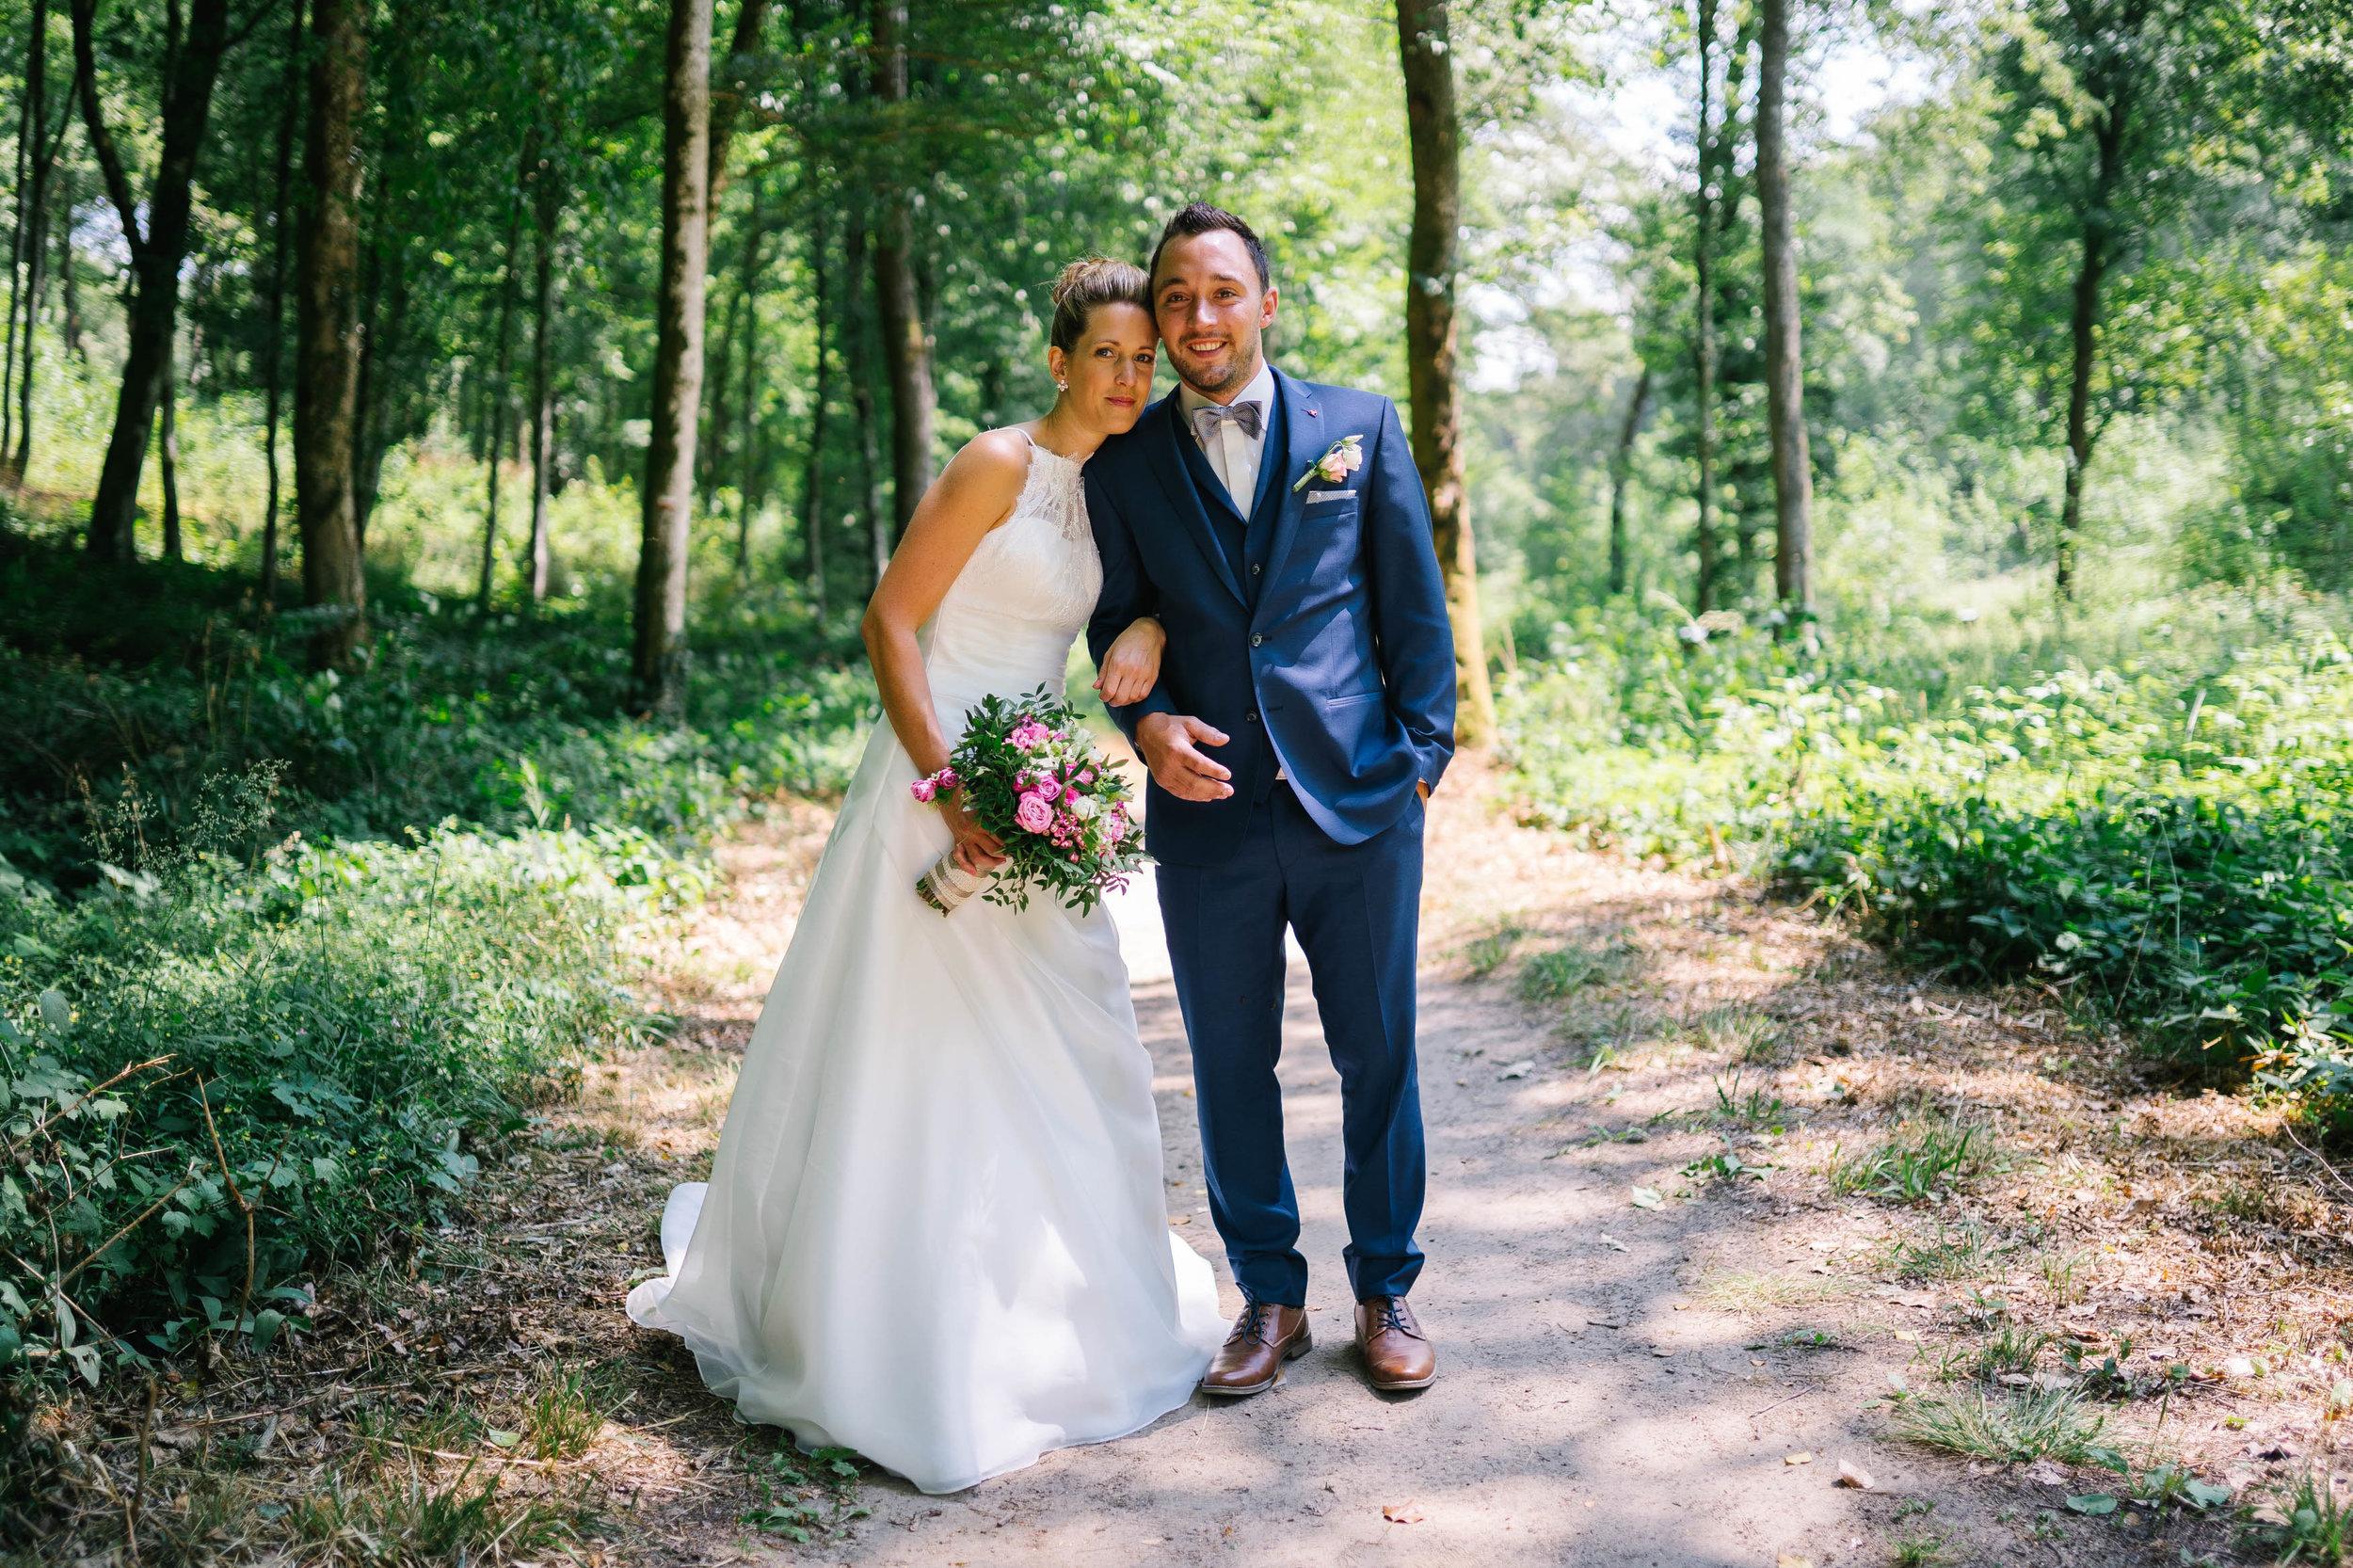 v-photographe-videaste-mariage-bruxelles-leleu-23.jpg